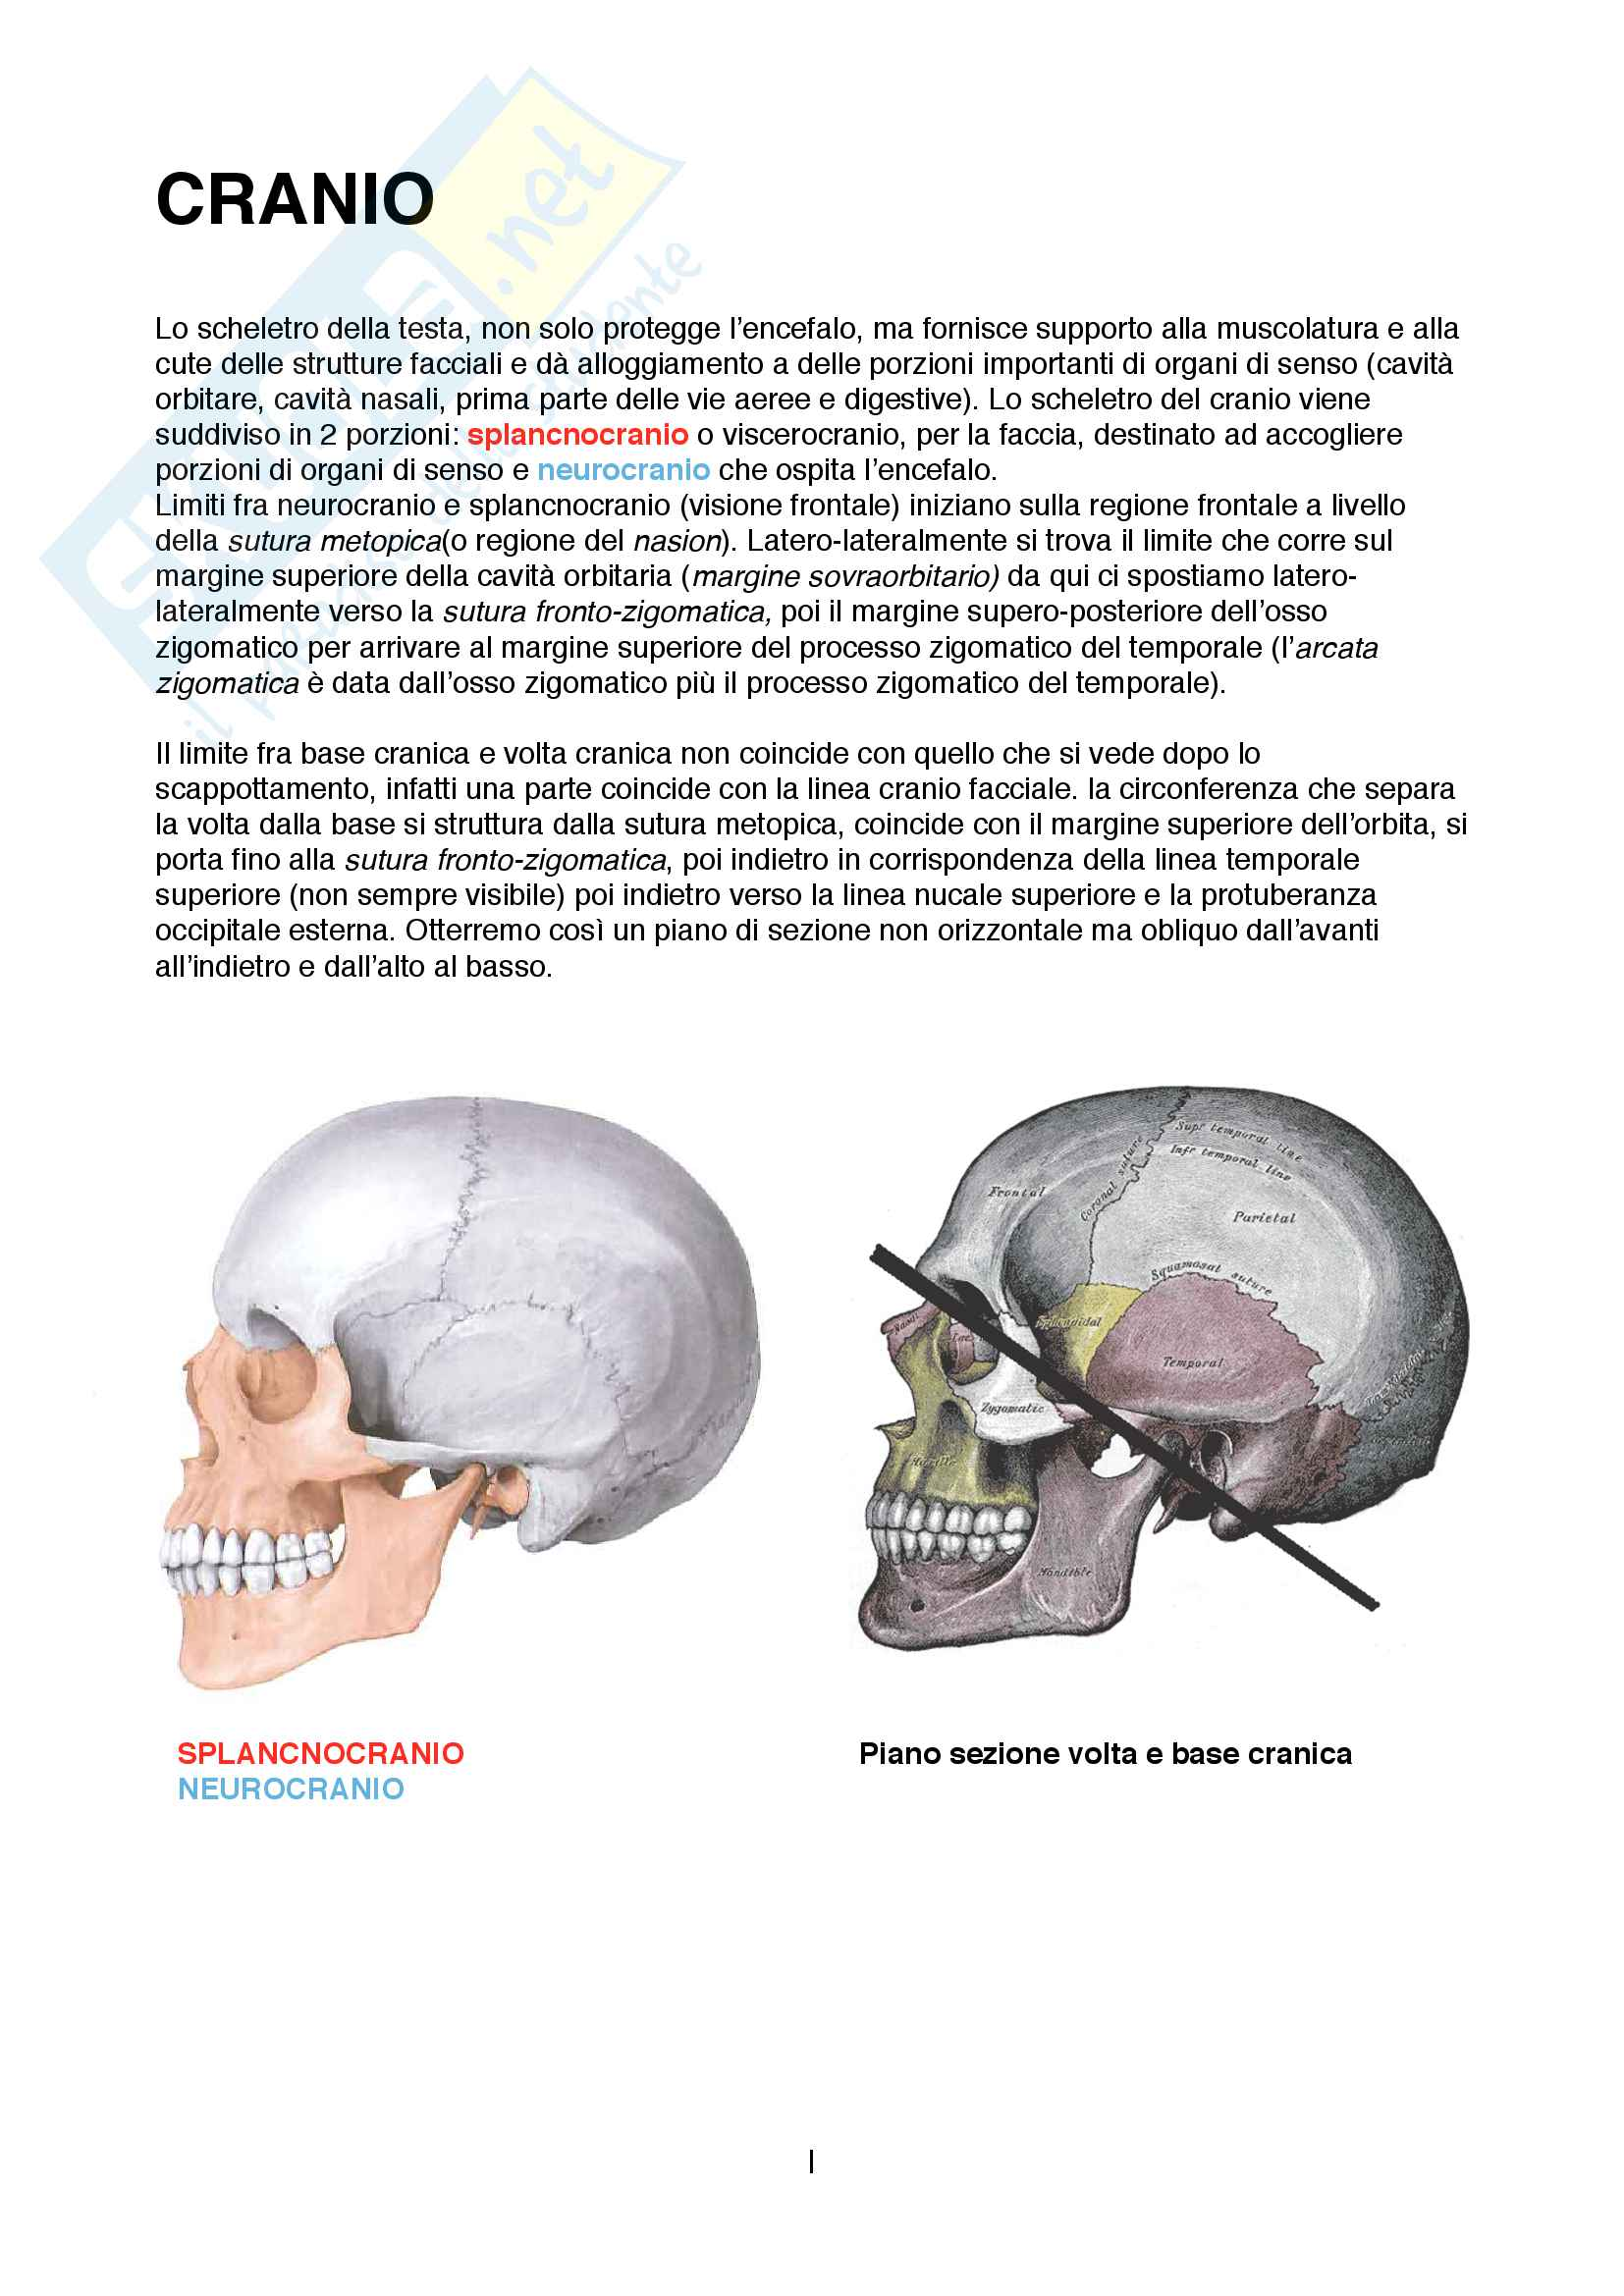 Descrizione generale dell'anatomia del cranio